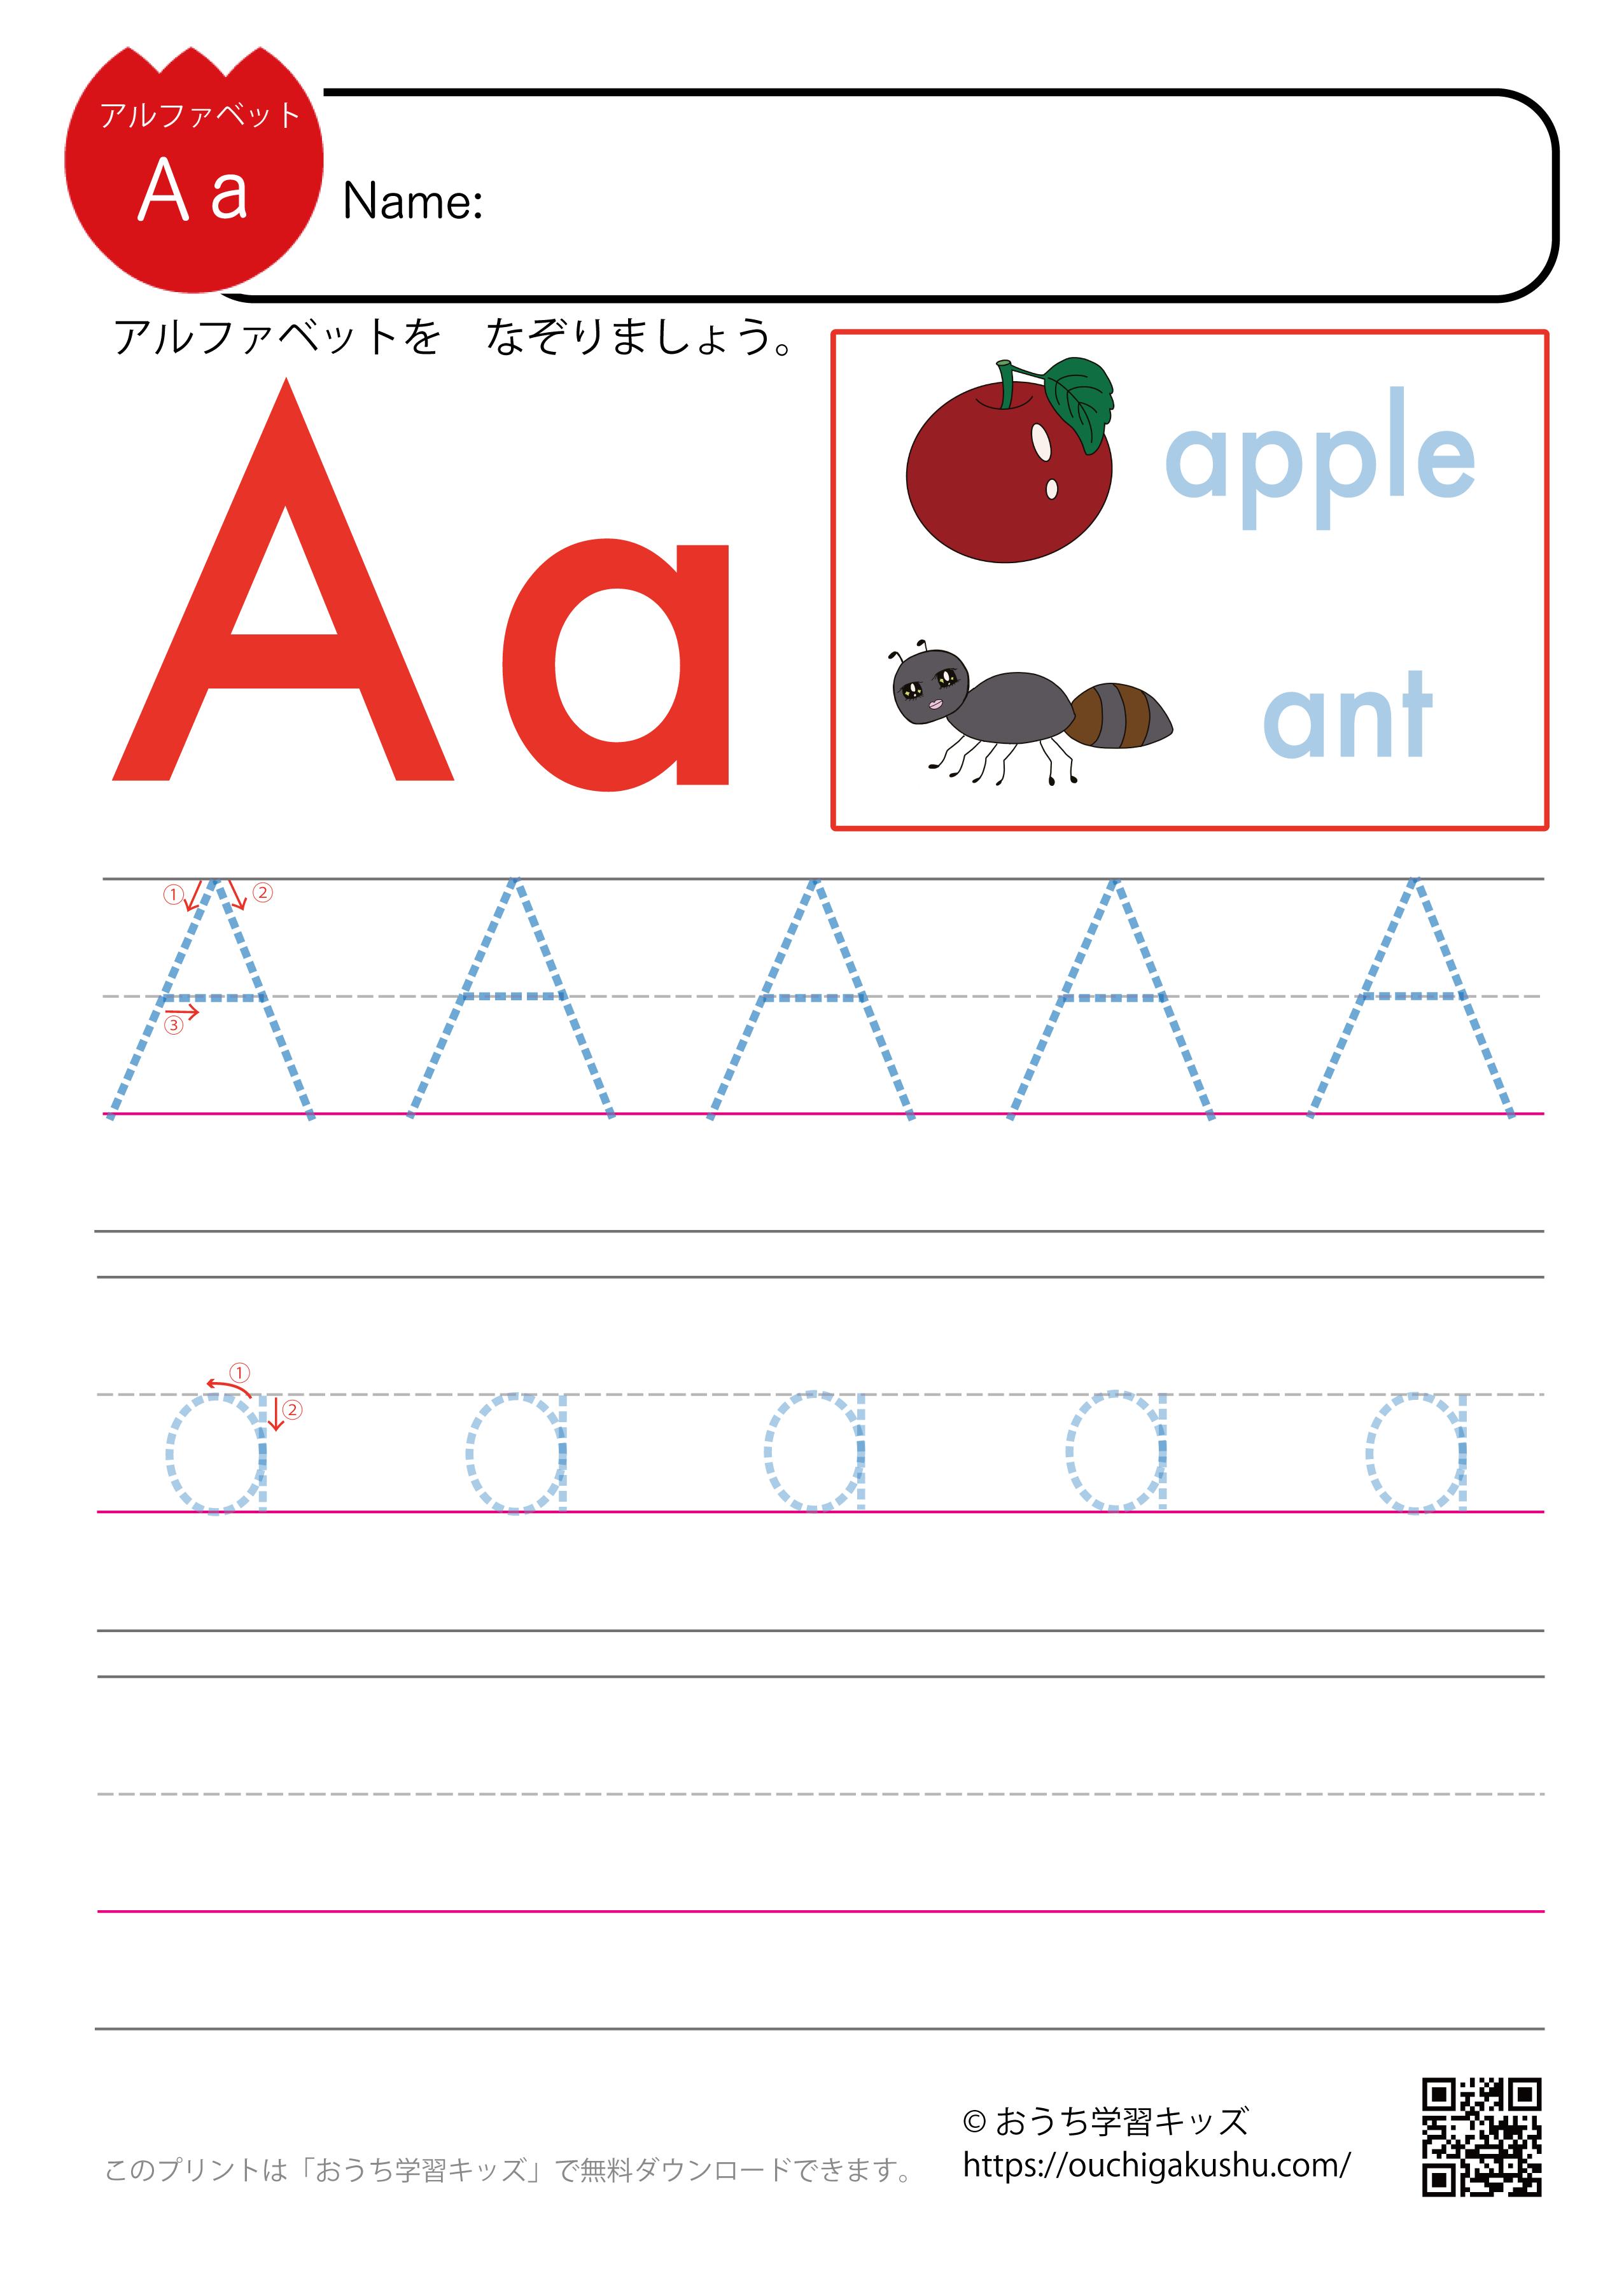 アルファベット練習プリント「A」